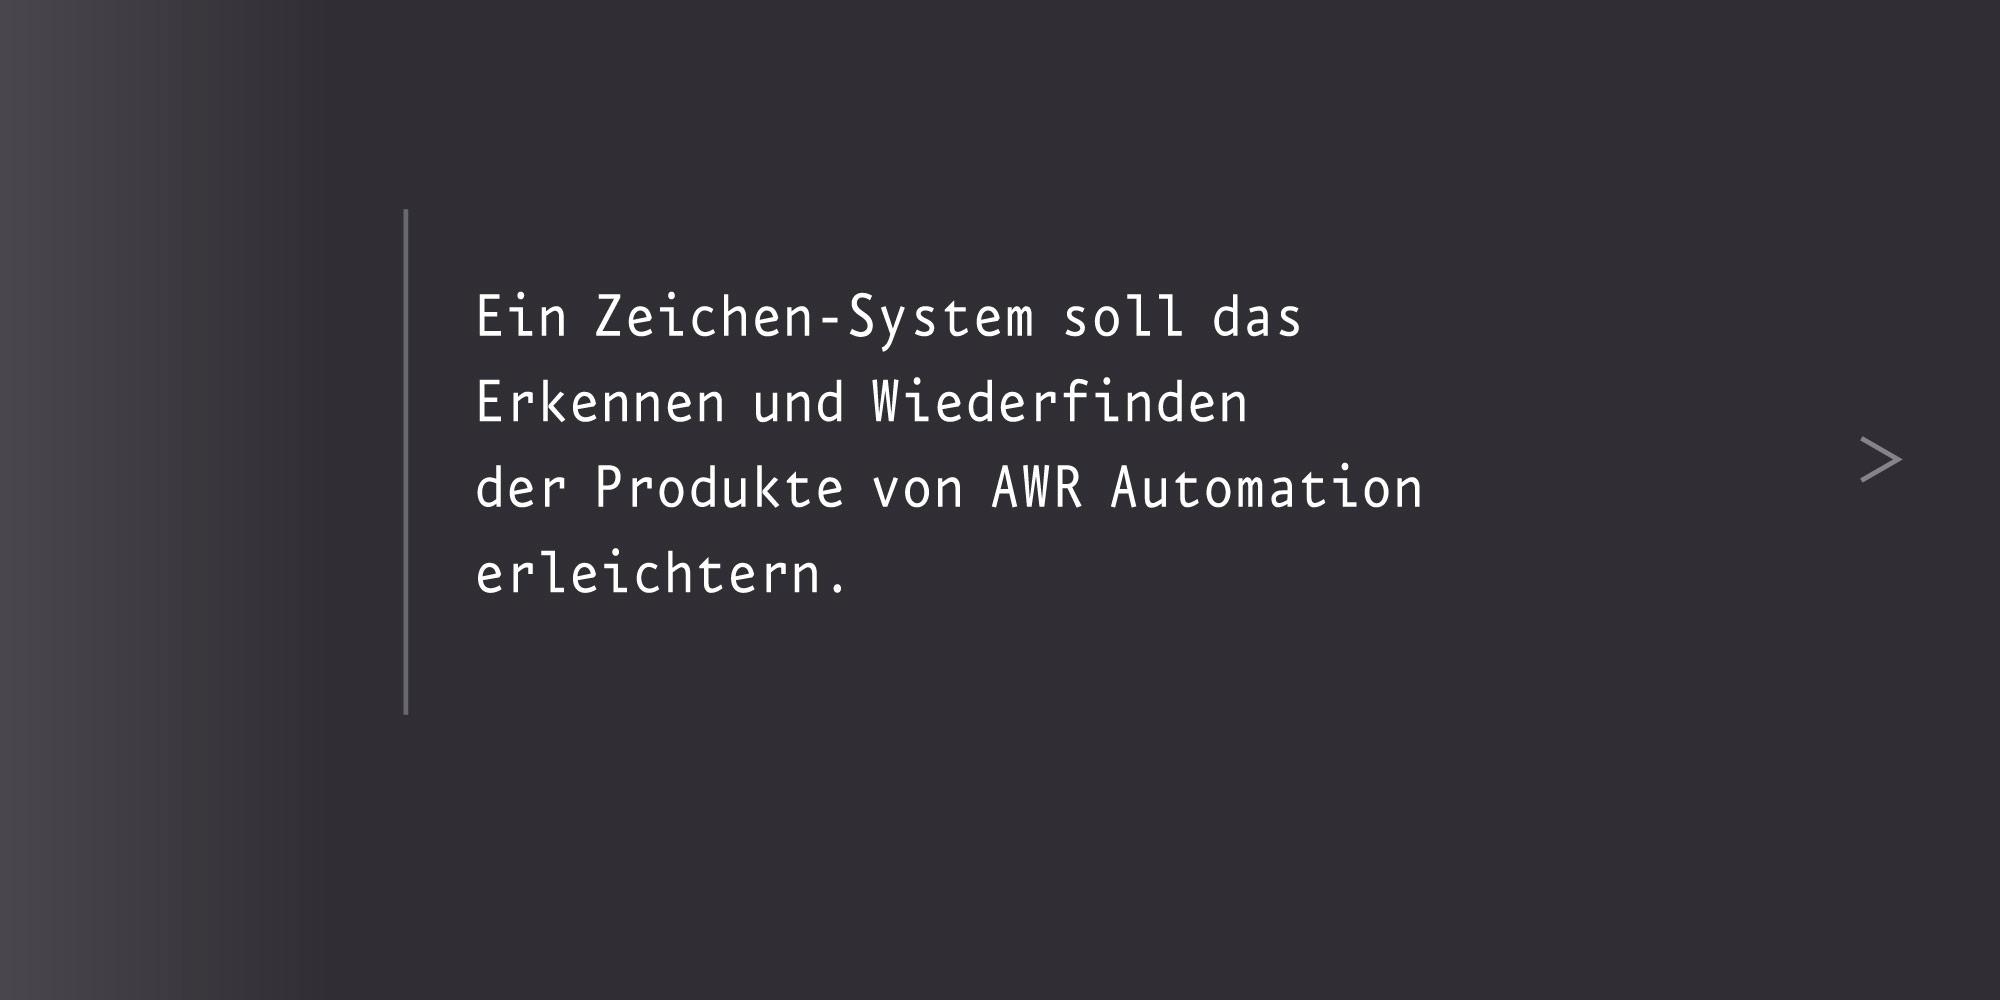 Marken-System awr Zeichessystem Piktogrammsystem erstellen